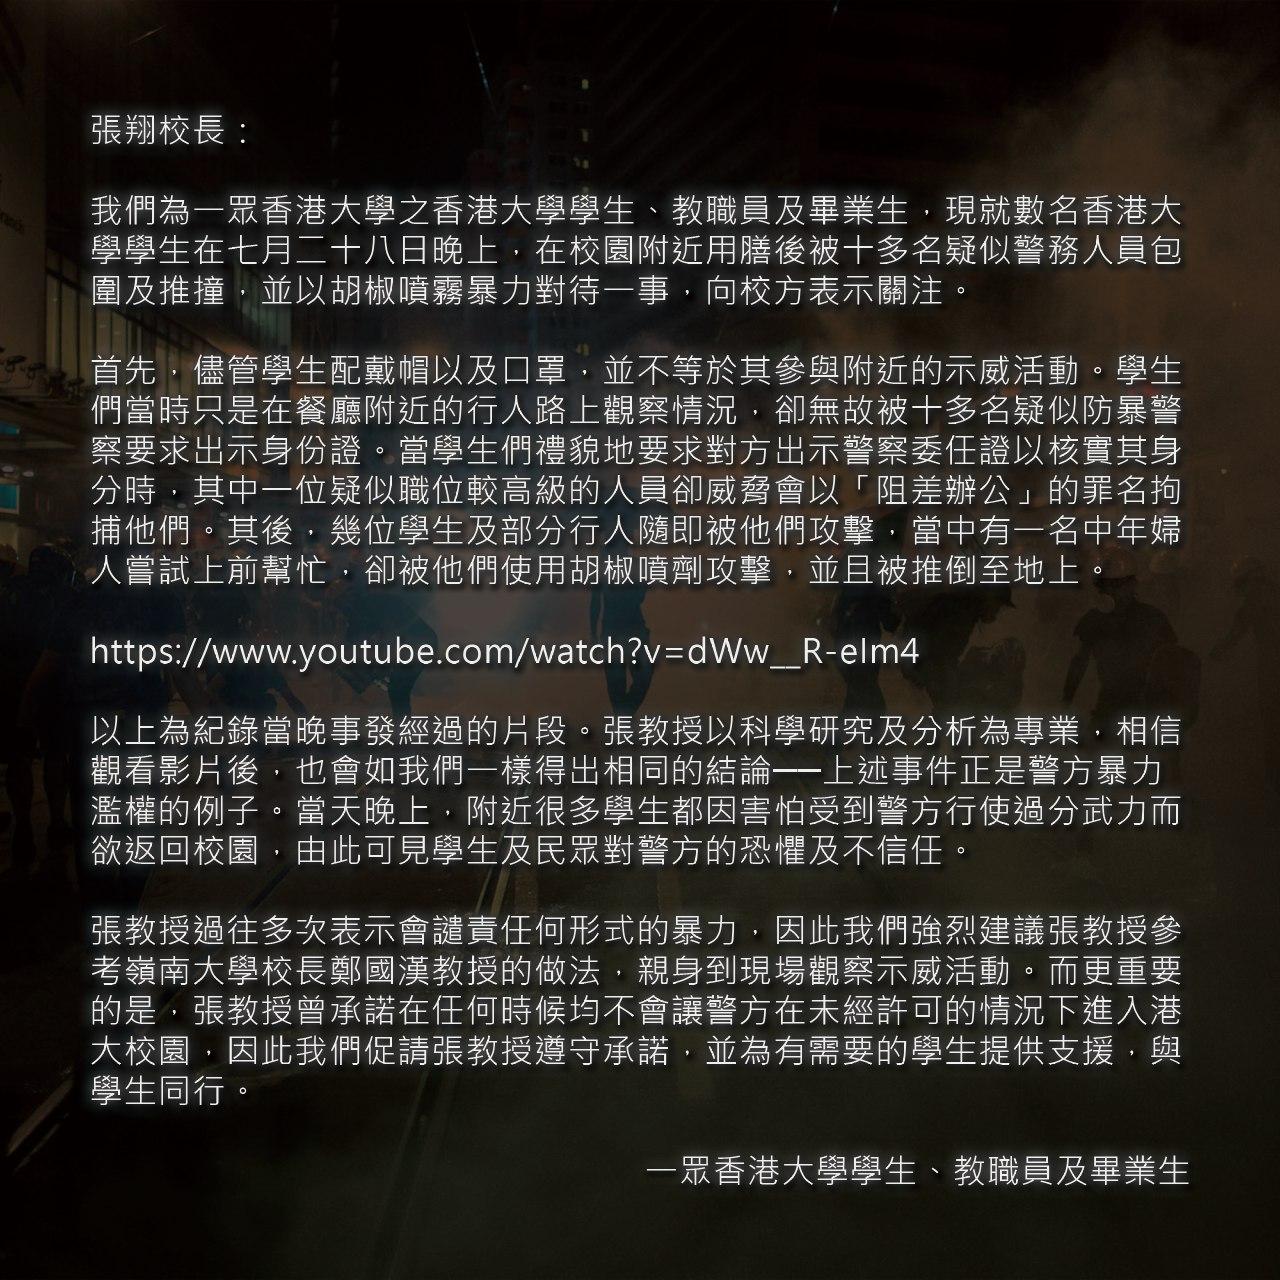 聯署公開信要求張翔到現場觀察示威活動。網圖